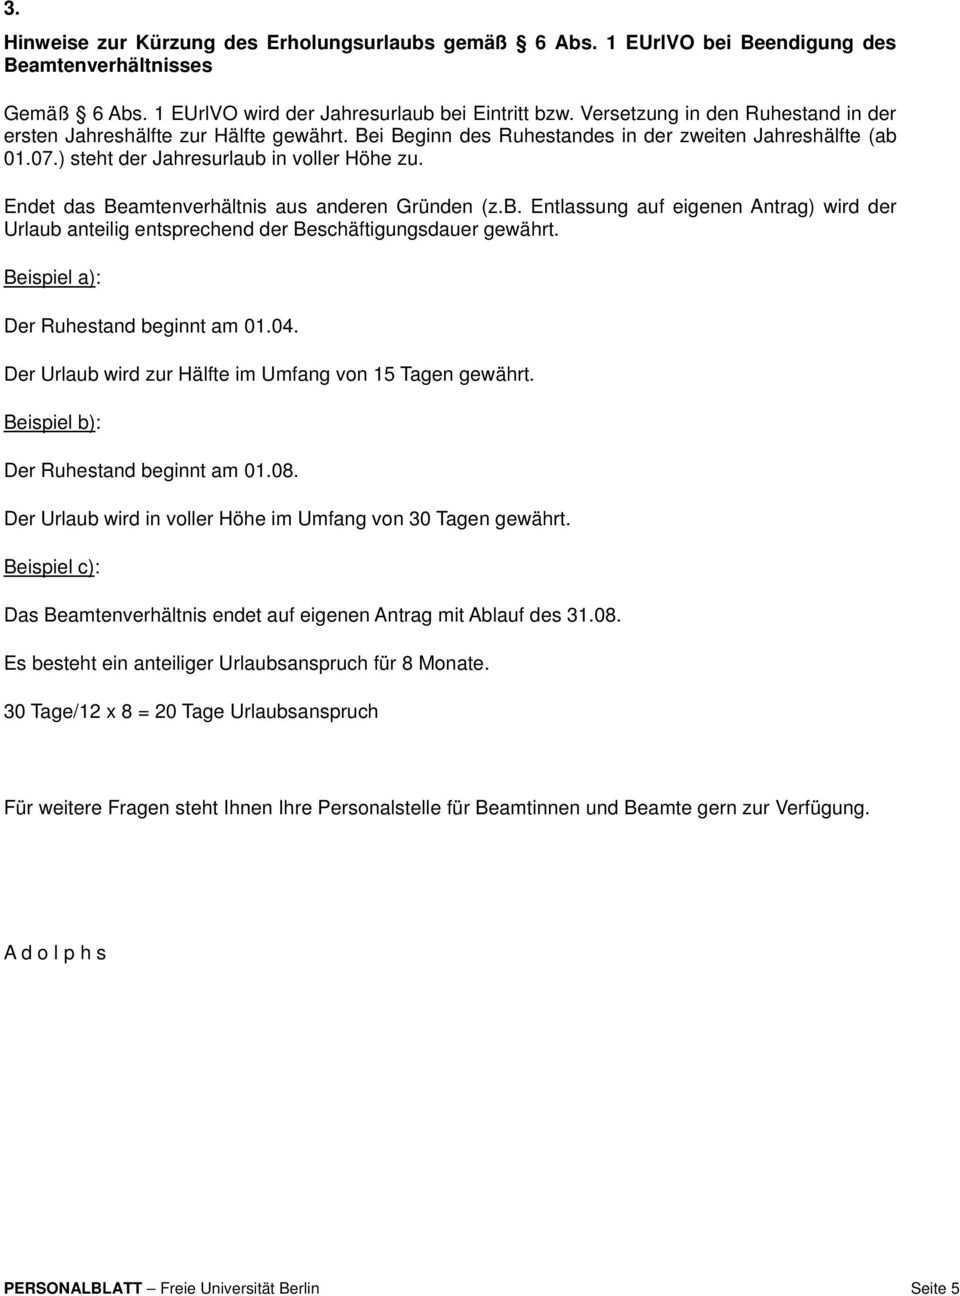 Informationen Fur Beamtinnen Und Beamte Zum Erholungsurlaub Pdf Free Download